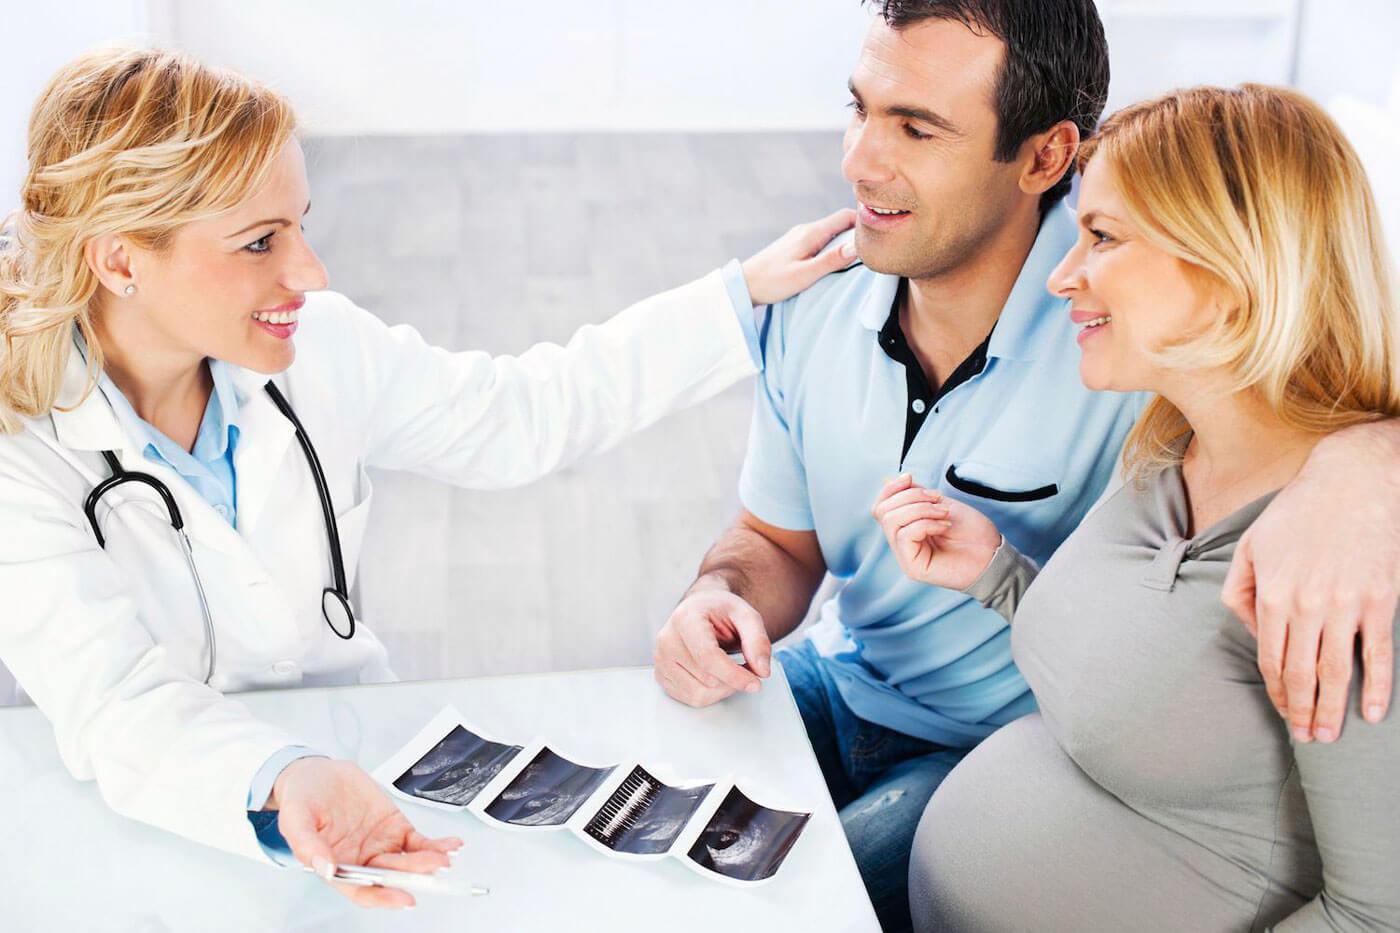 Прегравидарная подготовка у пациенток с тонким эндометрием в программах вспомогательных репродуктивных технологий